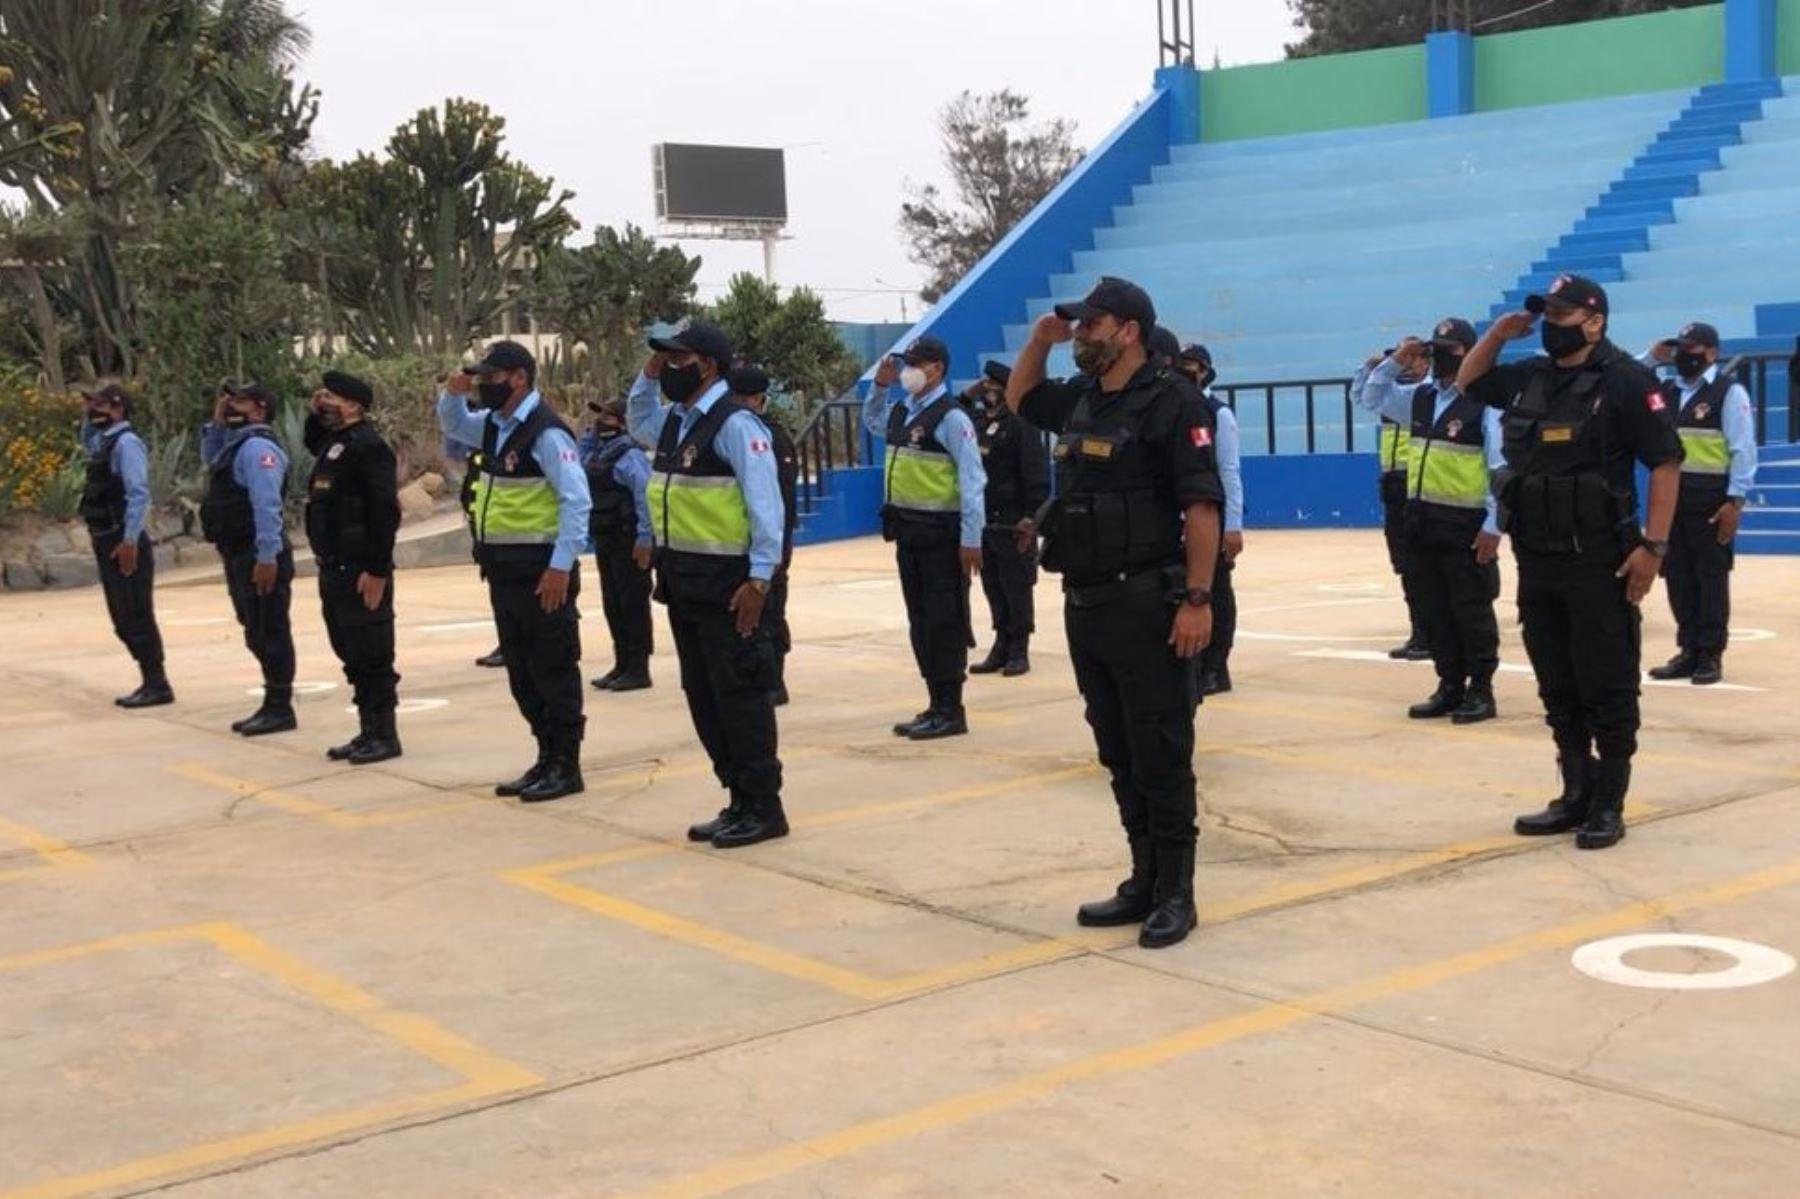 Escuela municipal de serenos comenzó a funcionar en la ciudad de Chiclayo. Foto: ANDINA/Difusión